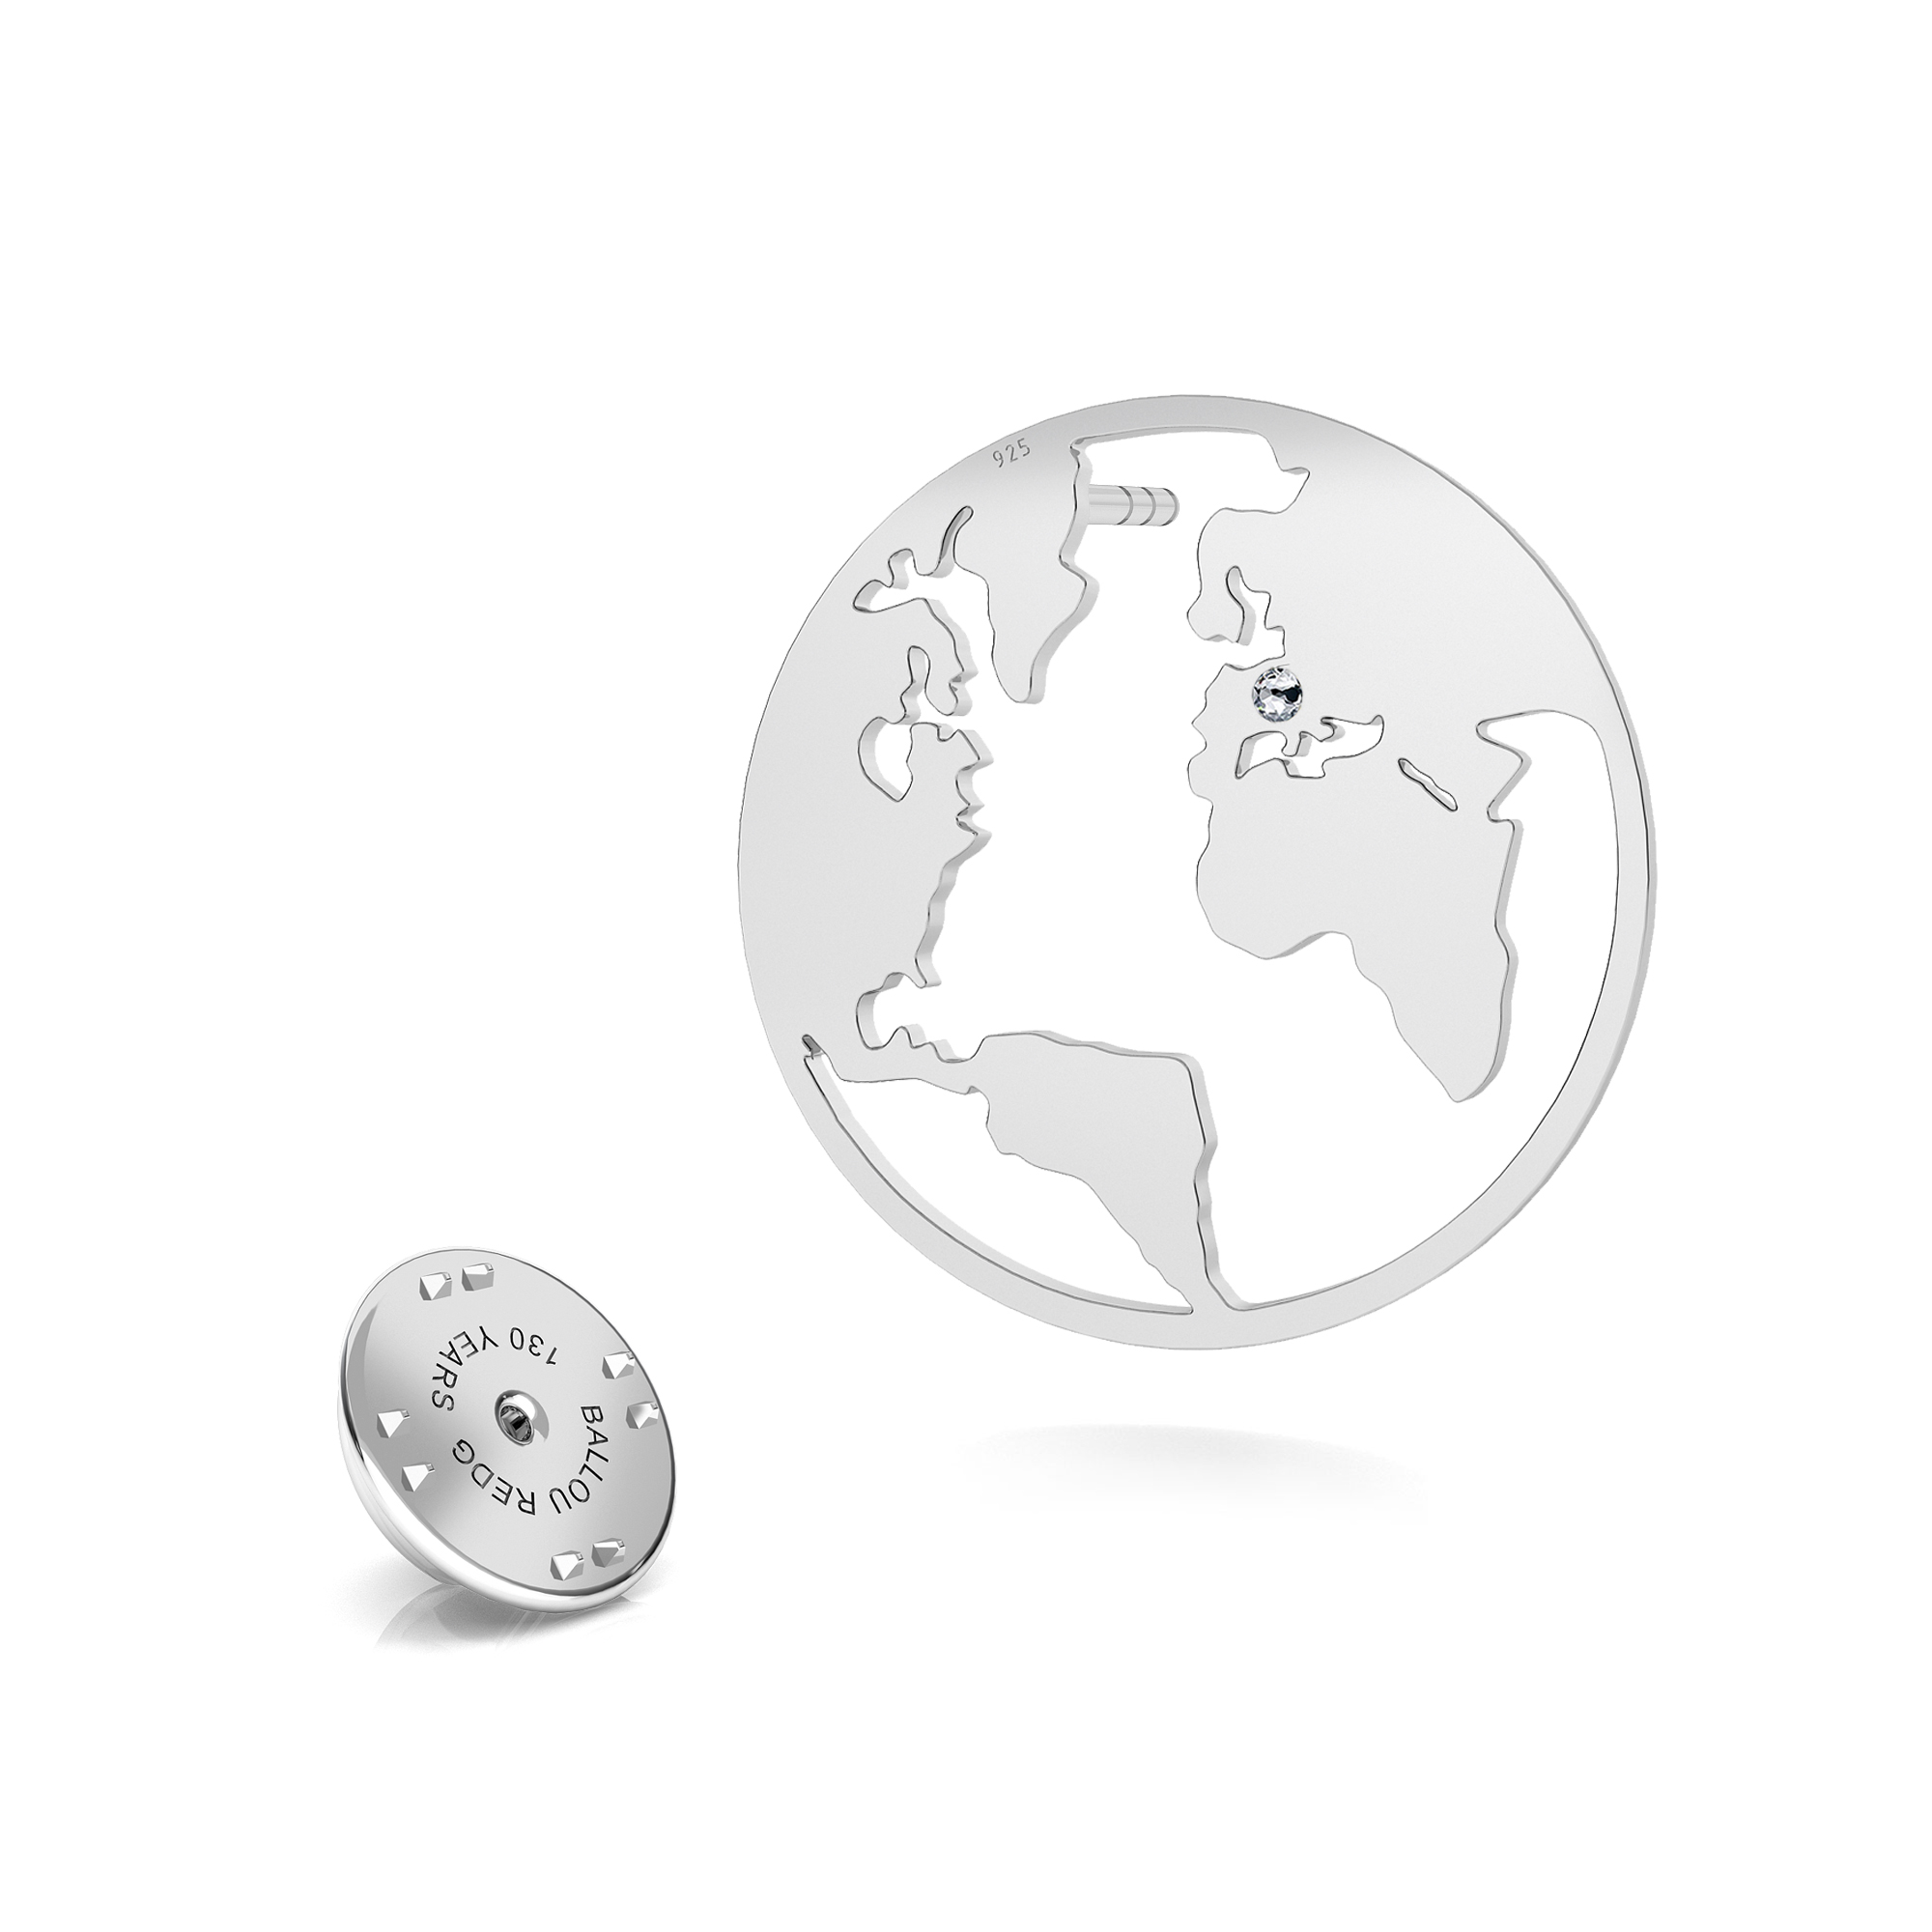 Helado pin de solapa, plata 925